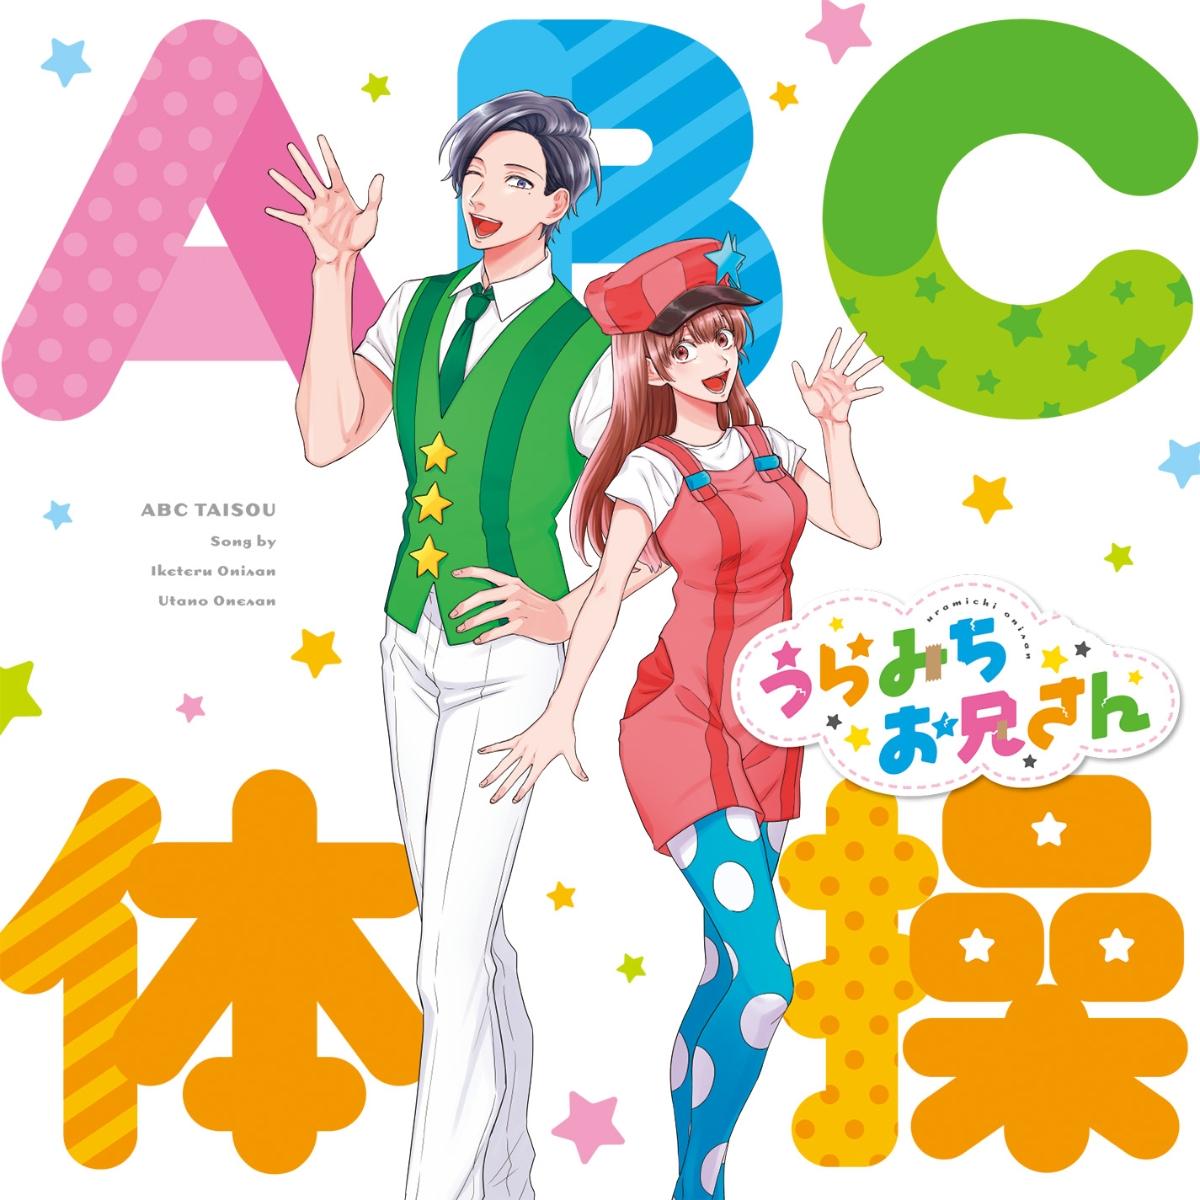 『いけてるお兄さん(宮野真守)、うたのお姉さん(水樹奈々) - ABC体操』収録の『ABC体操』ジャケット